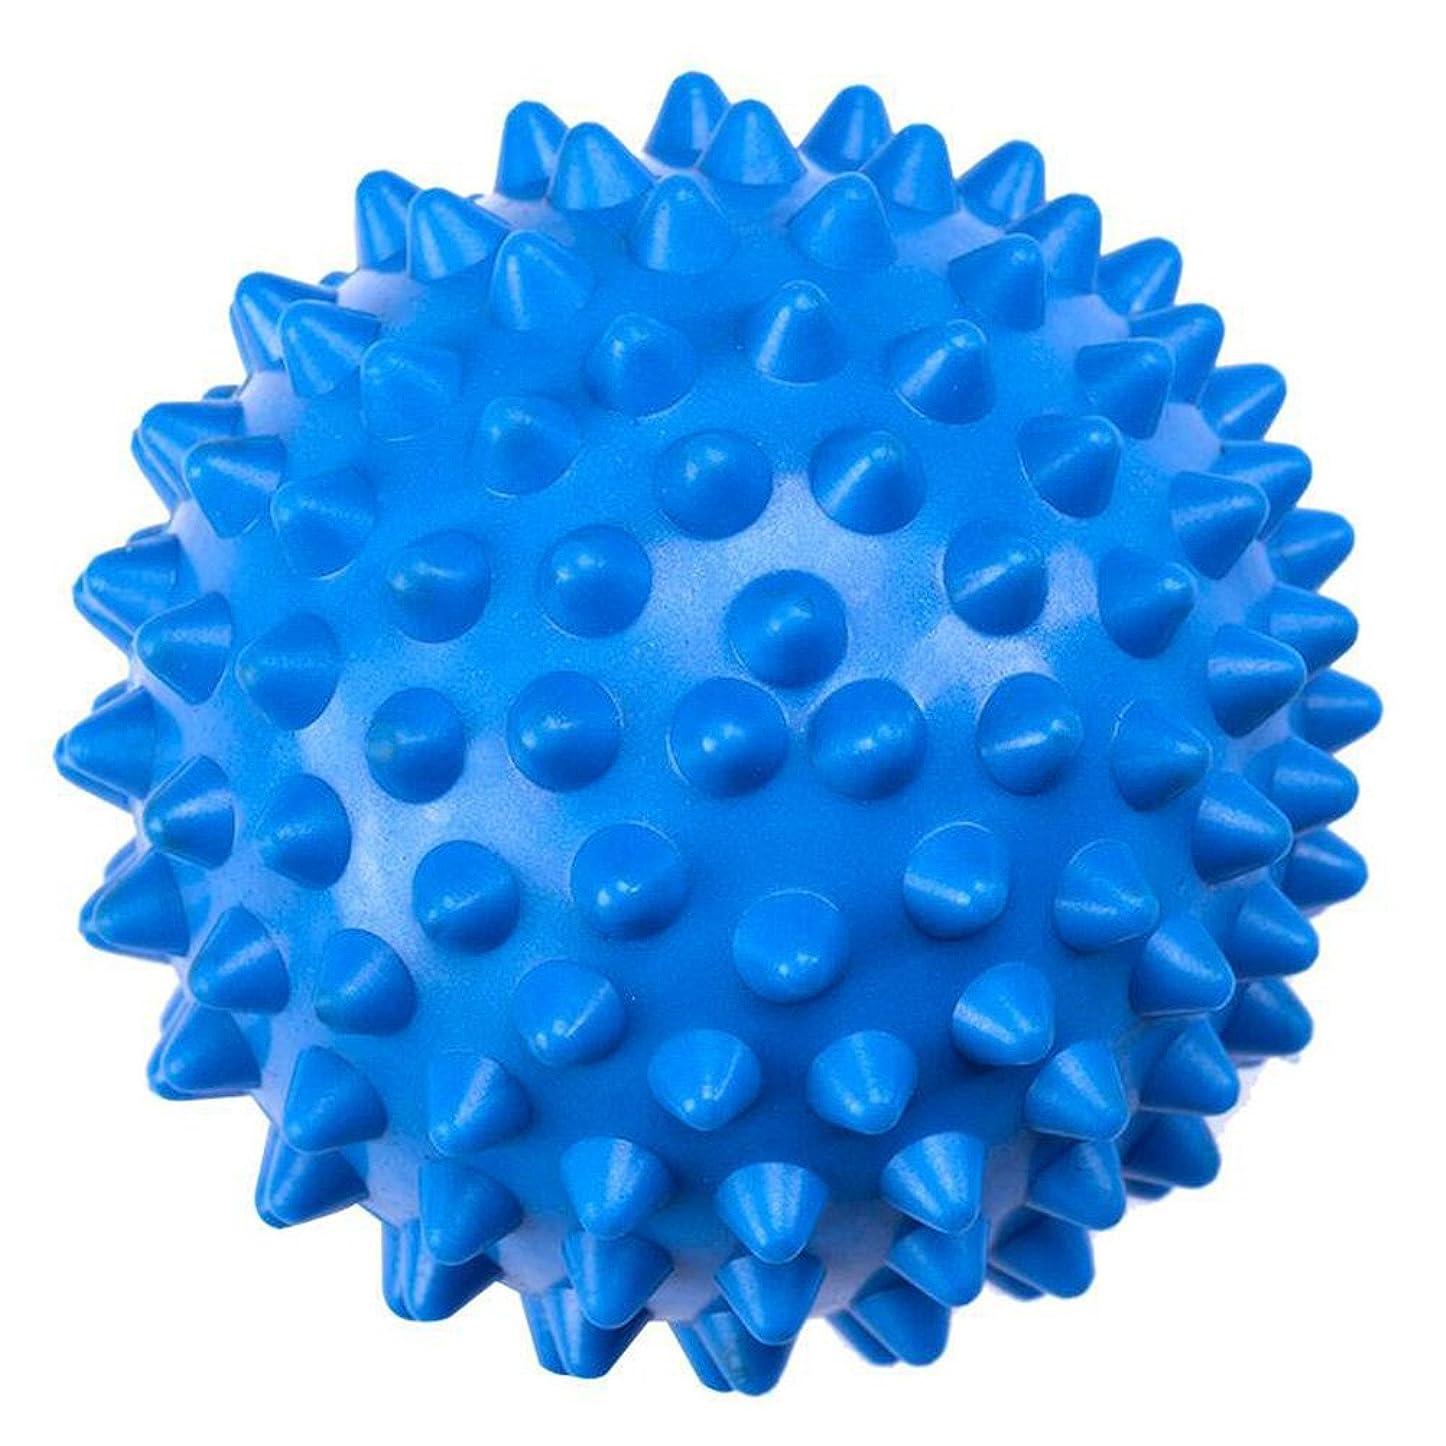 ジーンズ日曜日明らかにするHiCollie マッサージボール 触覚ボール リフレックスボール トレーニングボール ポイントマッサージ 筋筋膜リリース 筋肉緊張和らげ 血液循環促進 6cm